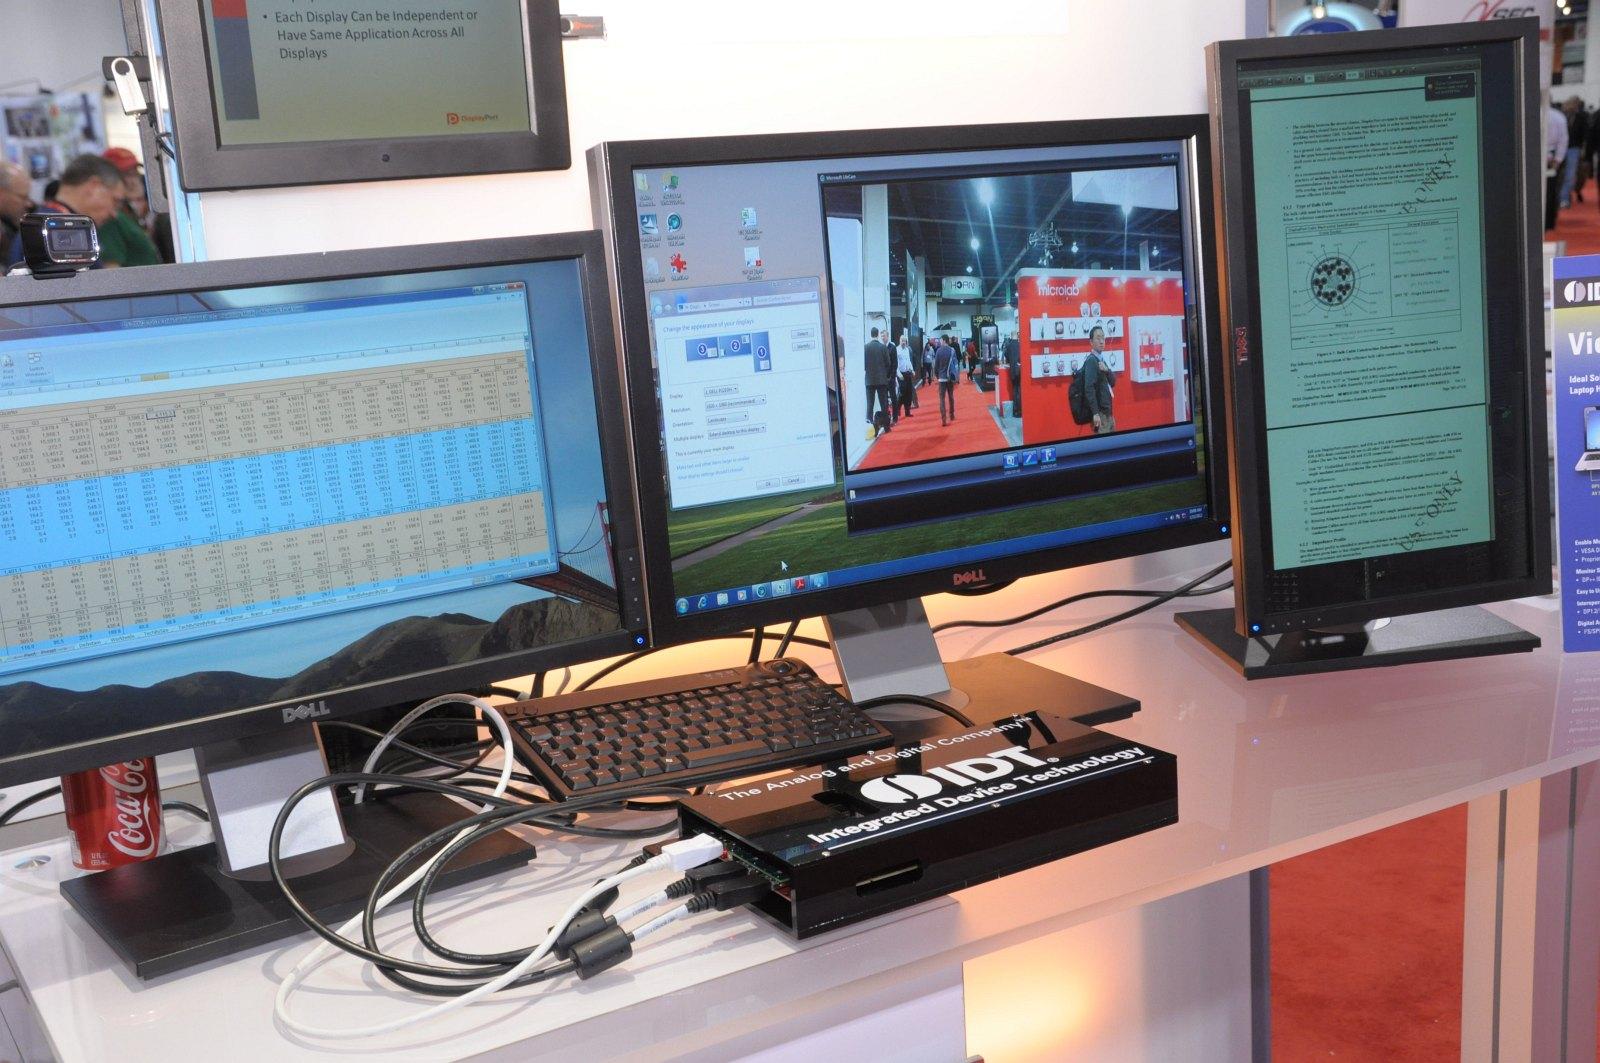 Daisychaining: 63 Monitore per Displayport an einer Grafikkarte - Multistream mit vier Displays. In der Mitte ist der Hub zu sehen.